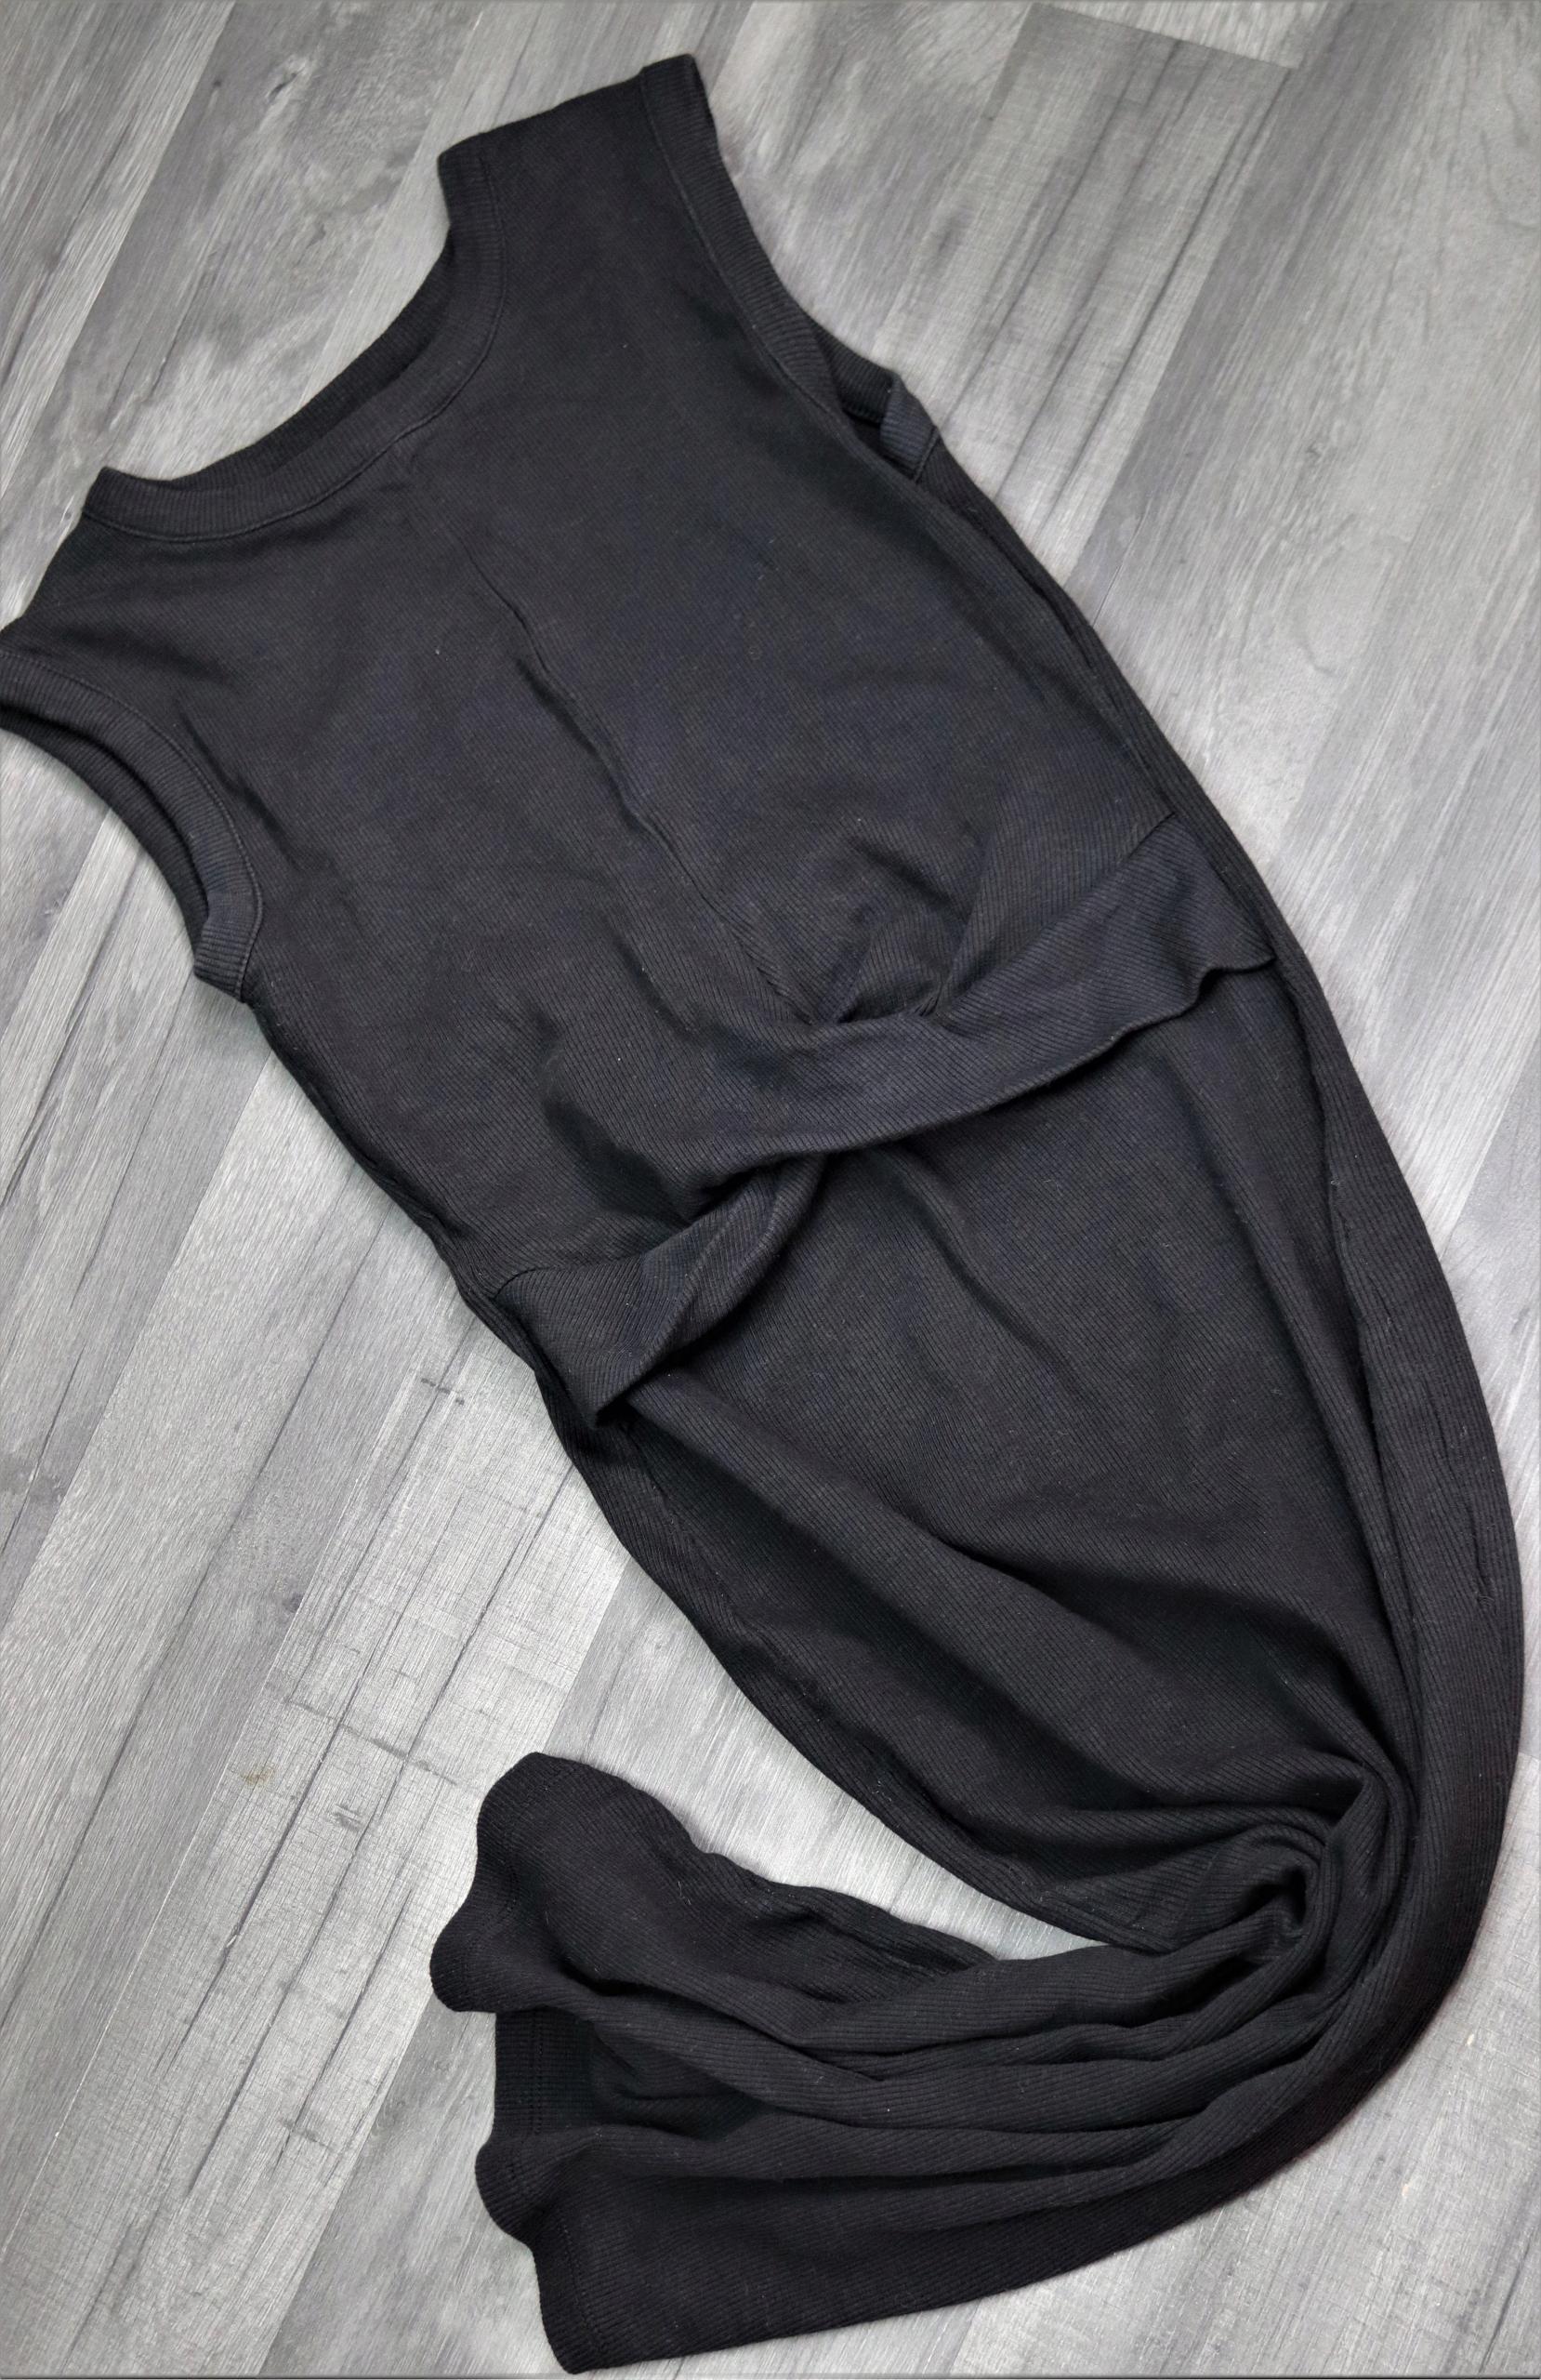 Czarna sukienka w prążki ATMOSPHERE S/M z węzłem